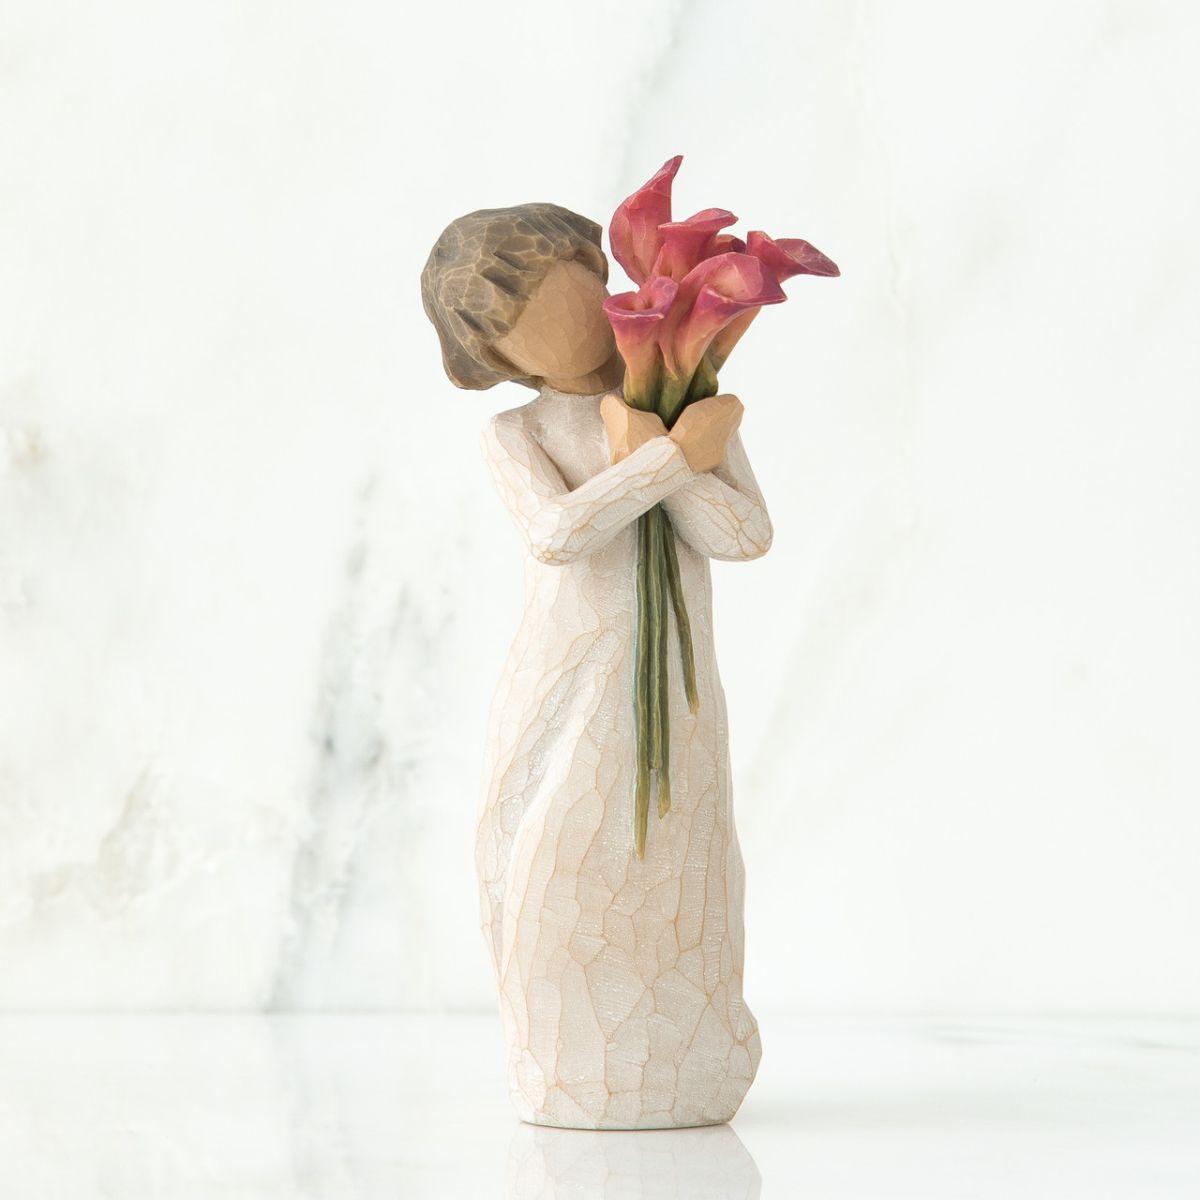 ウィローツリー彫像 花盛り | 花 花束 赤 カラー おしゃれな置物 大人向け フィギュア 人形 インテリア雑貨 Willow Tree Bloom 正規輸入品